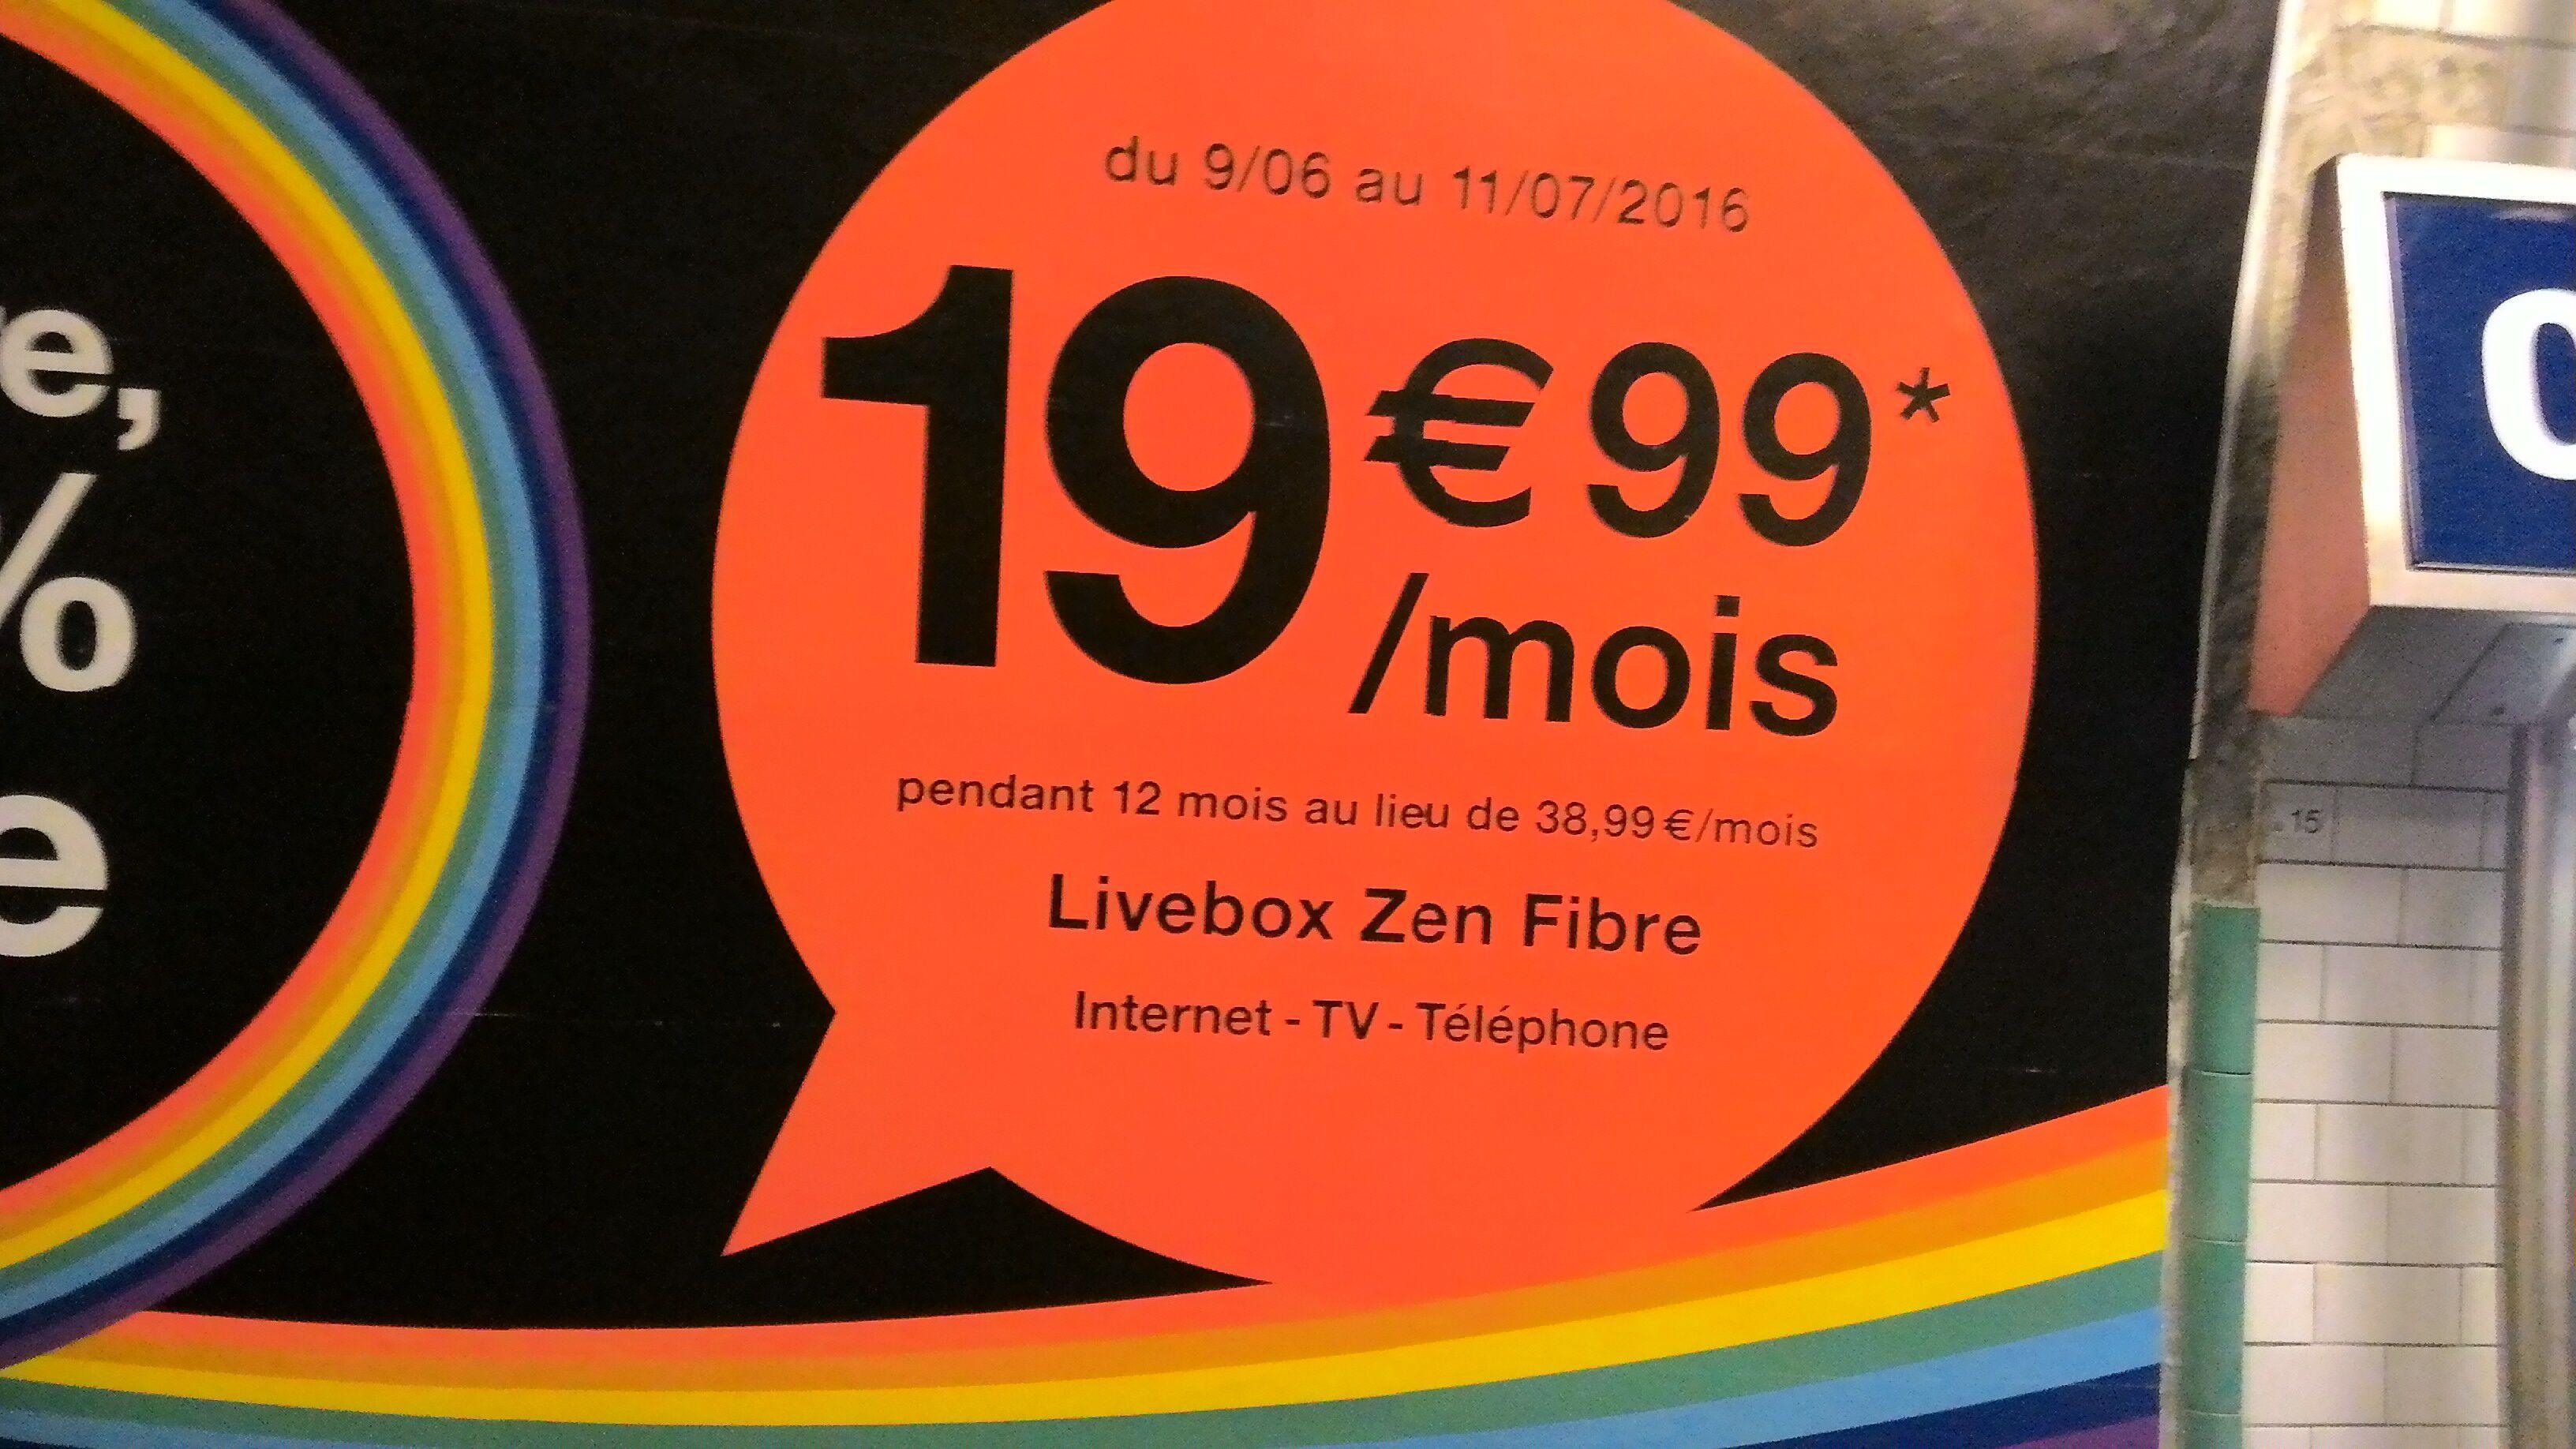 nouveaux clients fibre livebox zen pendant 1 an en changeant d 39 op rateur. Black Bedroom Furniture Sets. Home Design Ideas